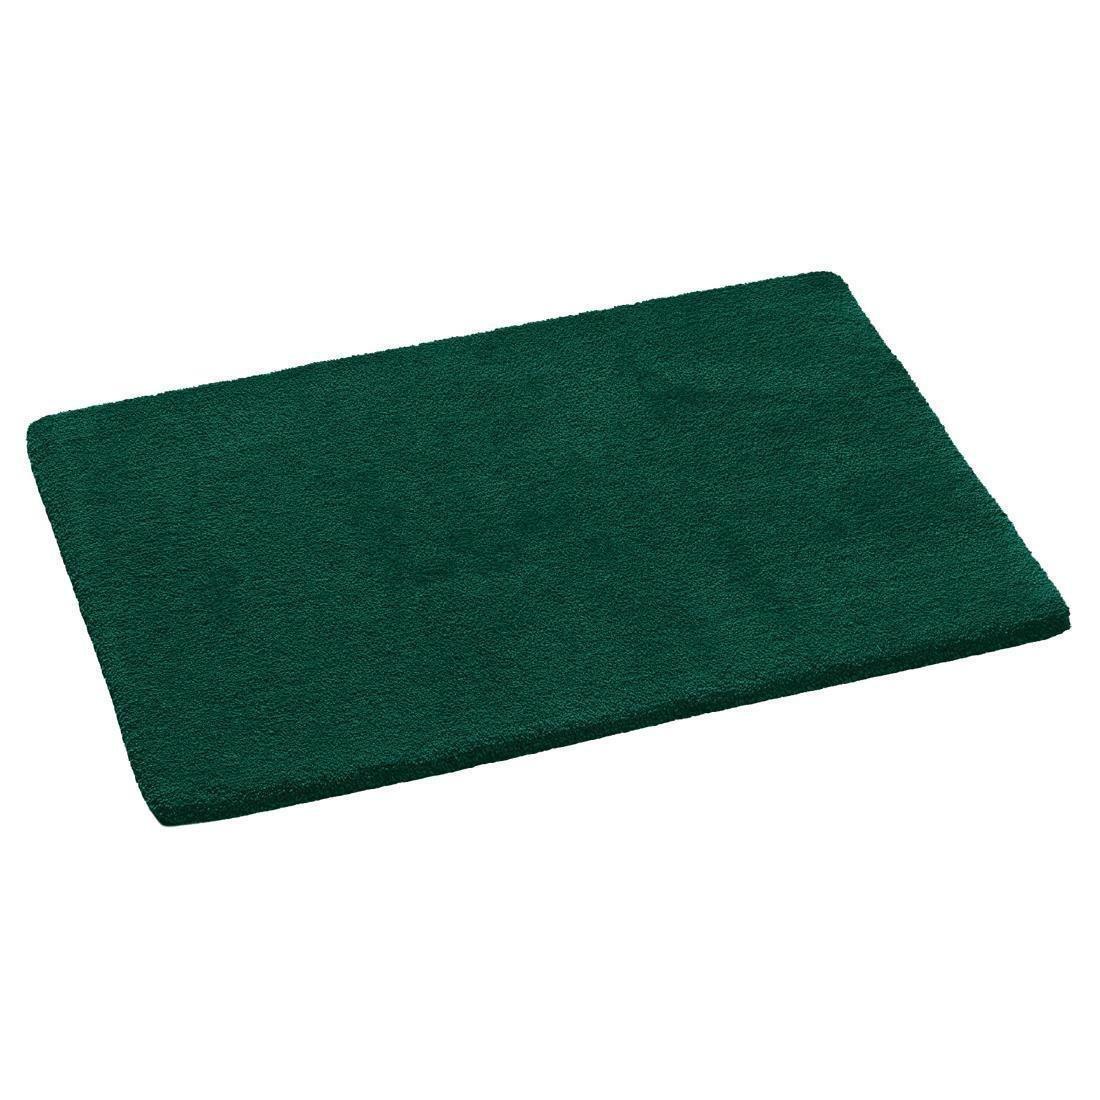 Rhomtuft -18 13 170 - 397- Badezimmerteppich   Badteppich, SQUARE, eckige Form, 100% Polyamid, 60x90cm, Farbe  ahorn   397